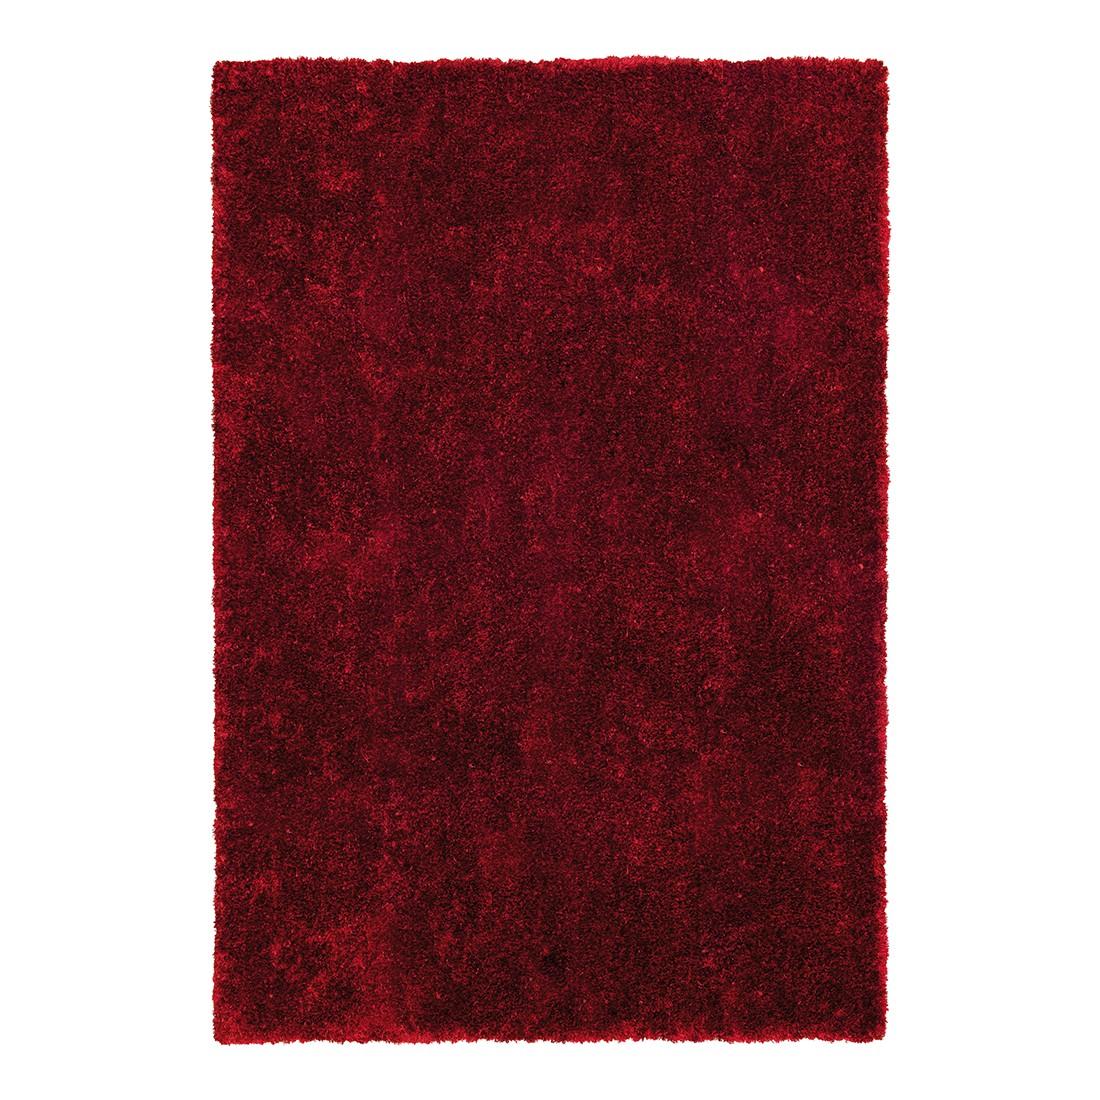 Teppich Emotion - Rot - 140 x 200 cm, Schöner Wohnen Kollektion